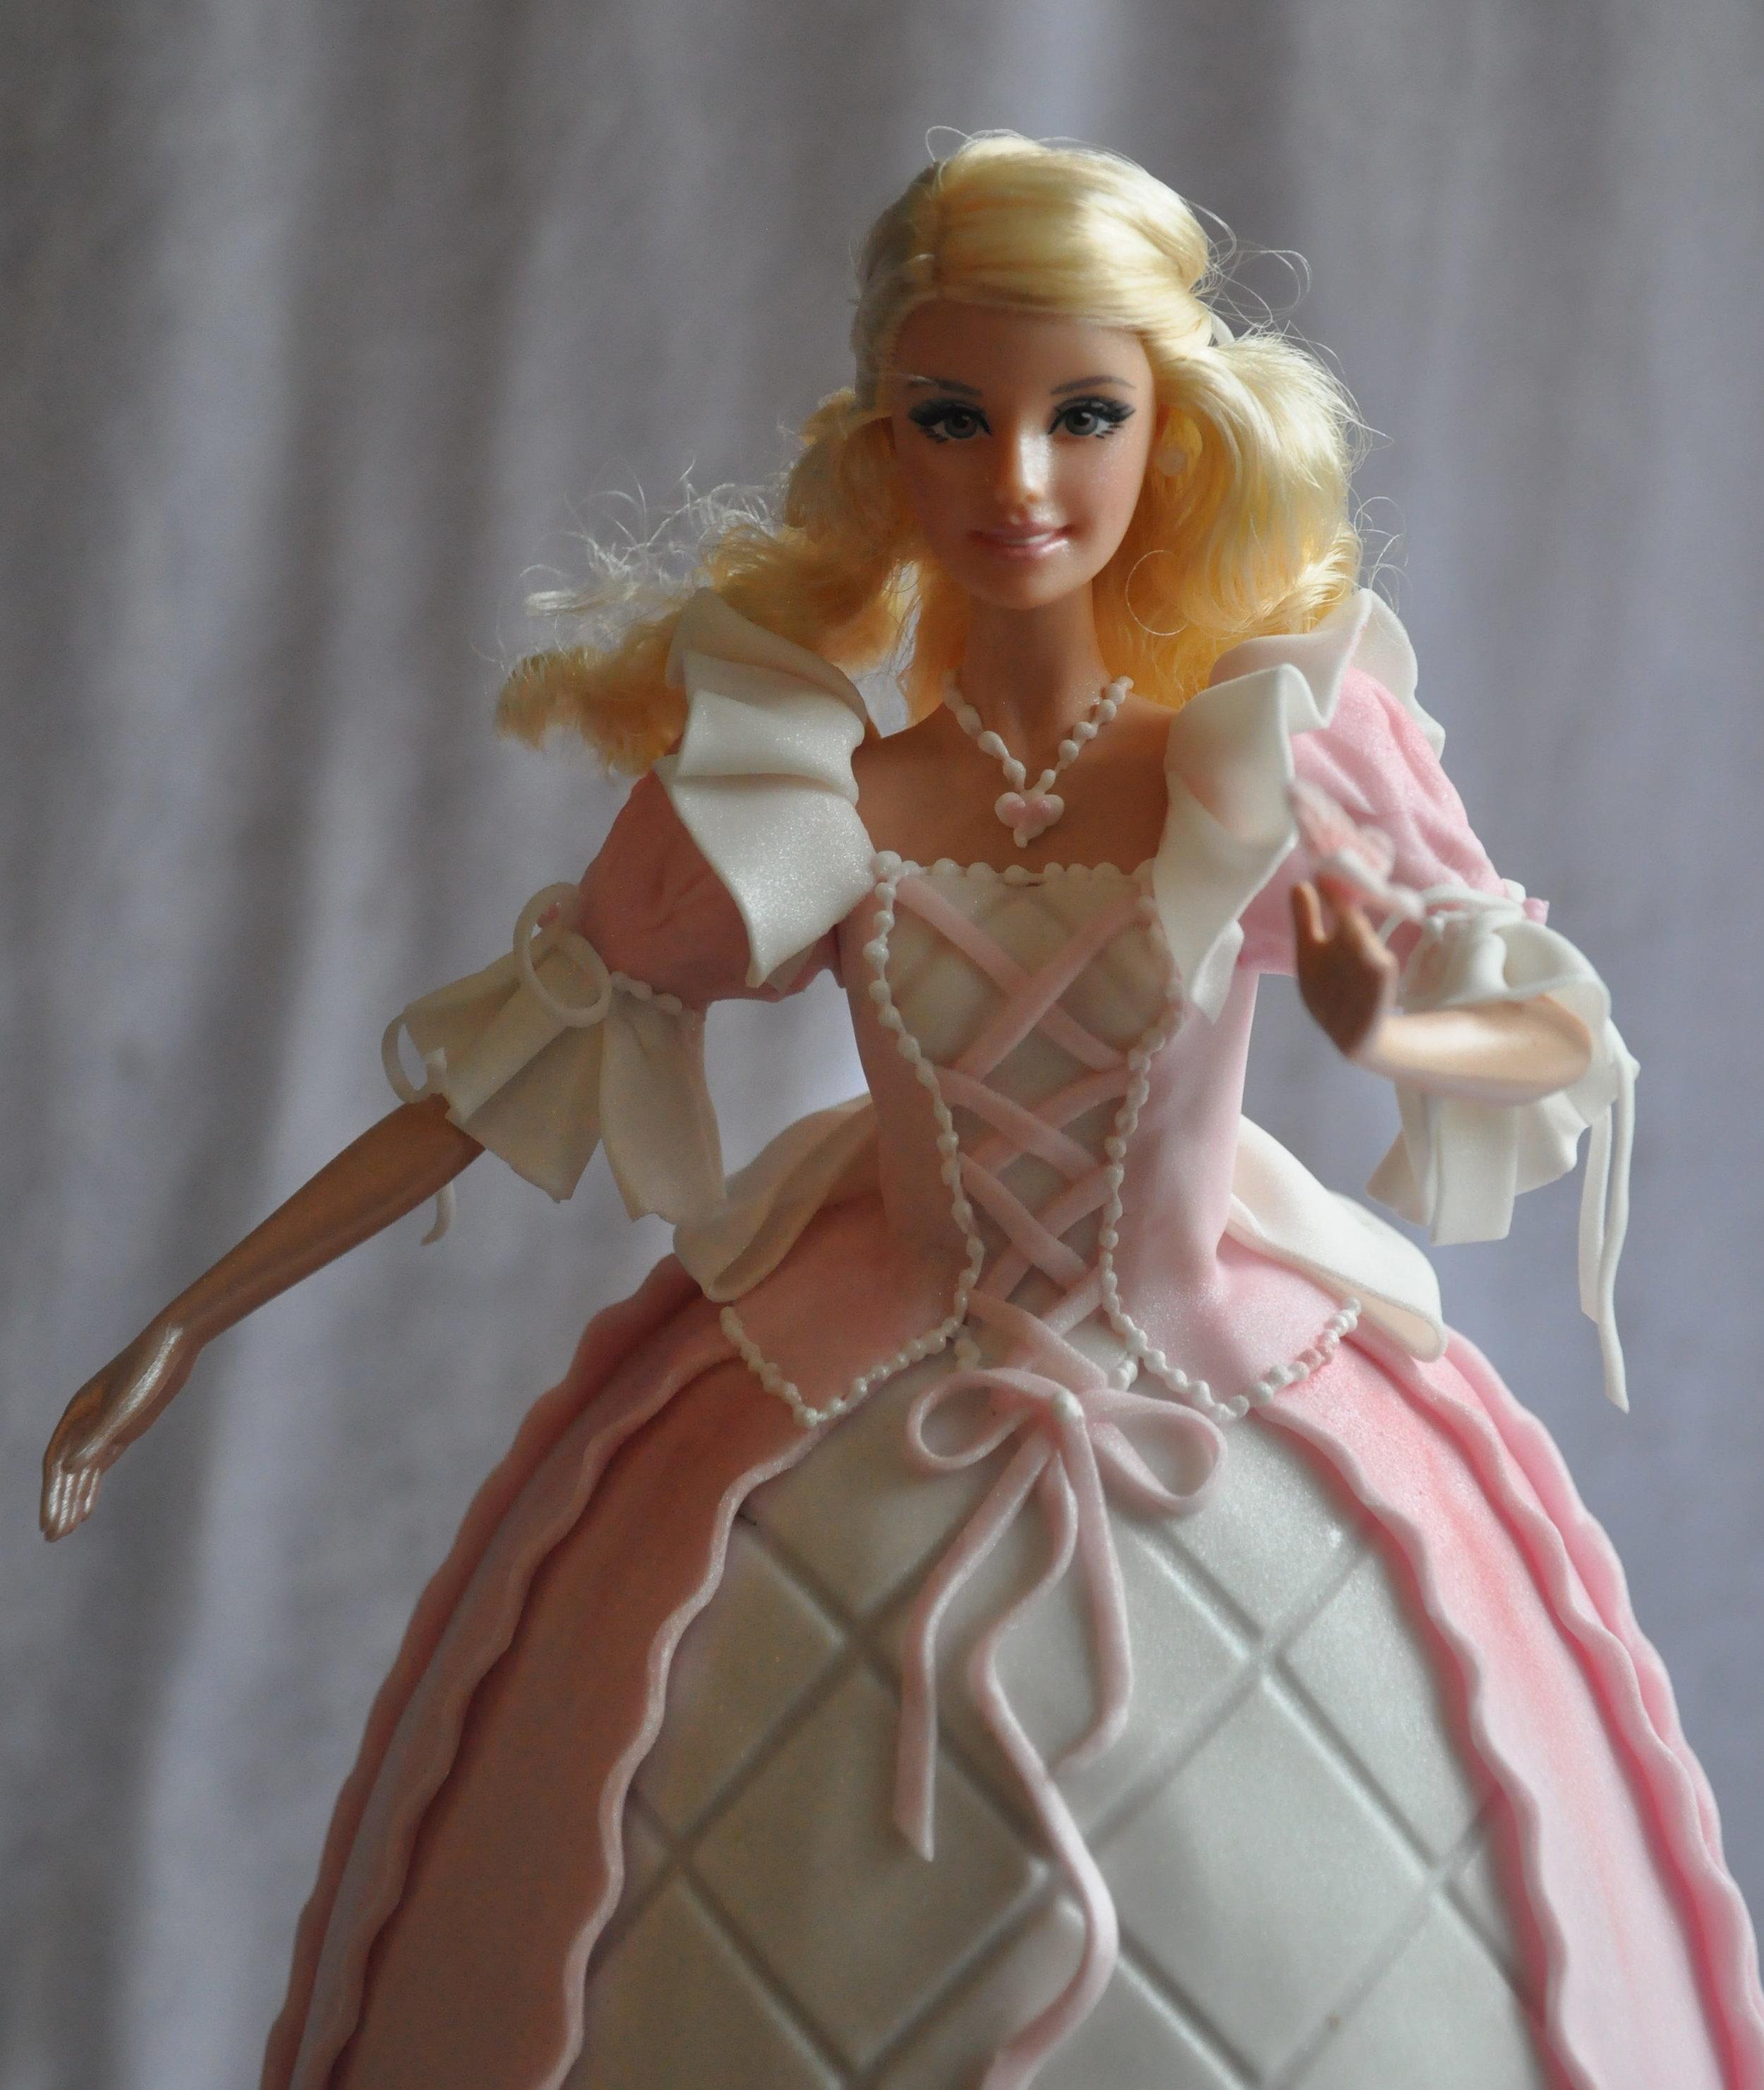 2014-03-29 Princess Barbie Birthday Cake 12_v1.JPG